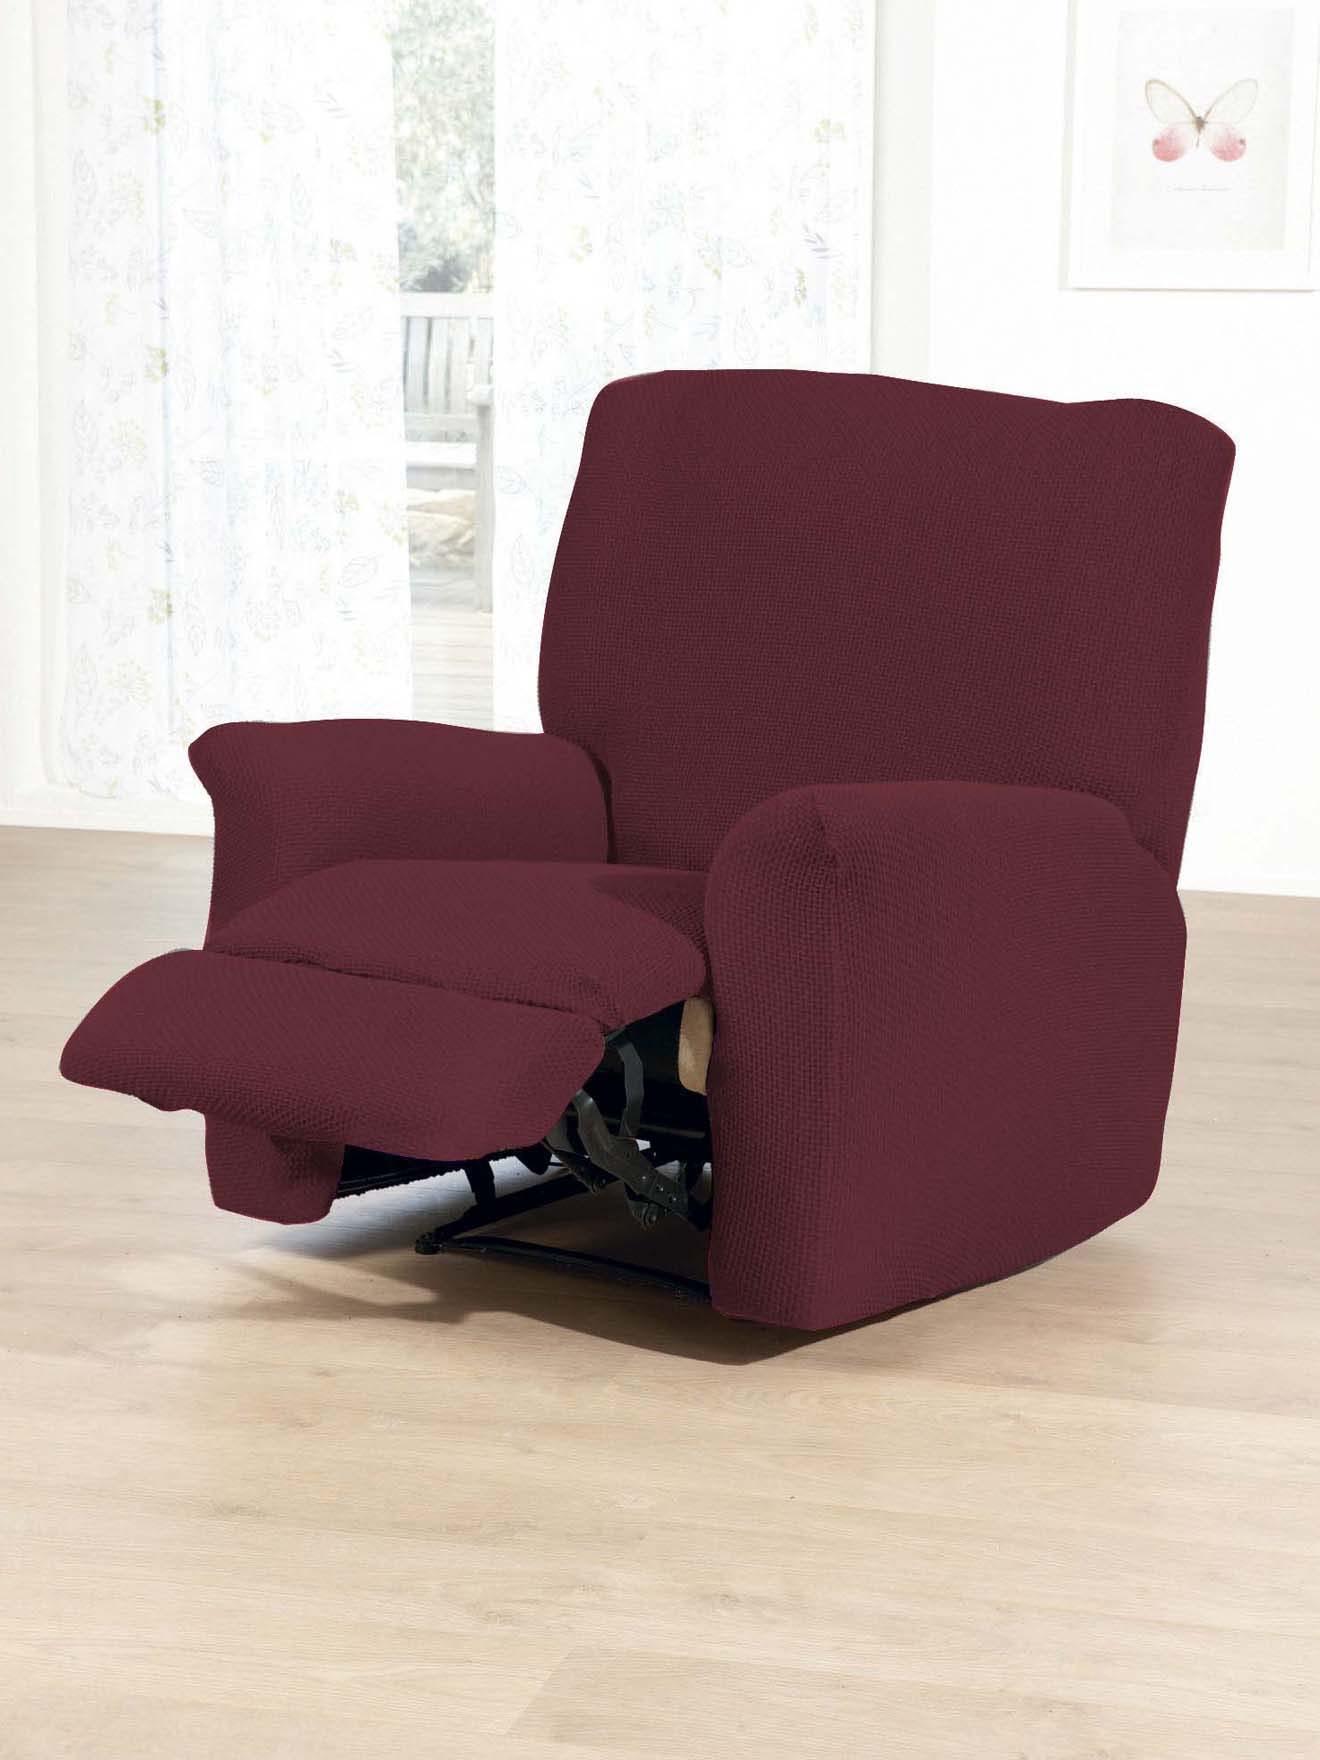 housse integrale fauteuil de relaxation